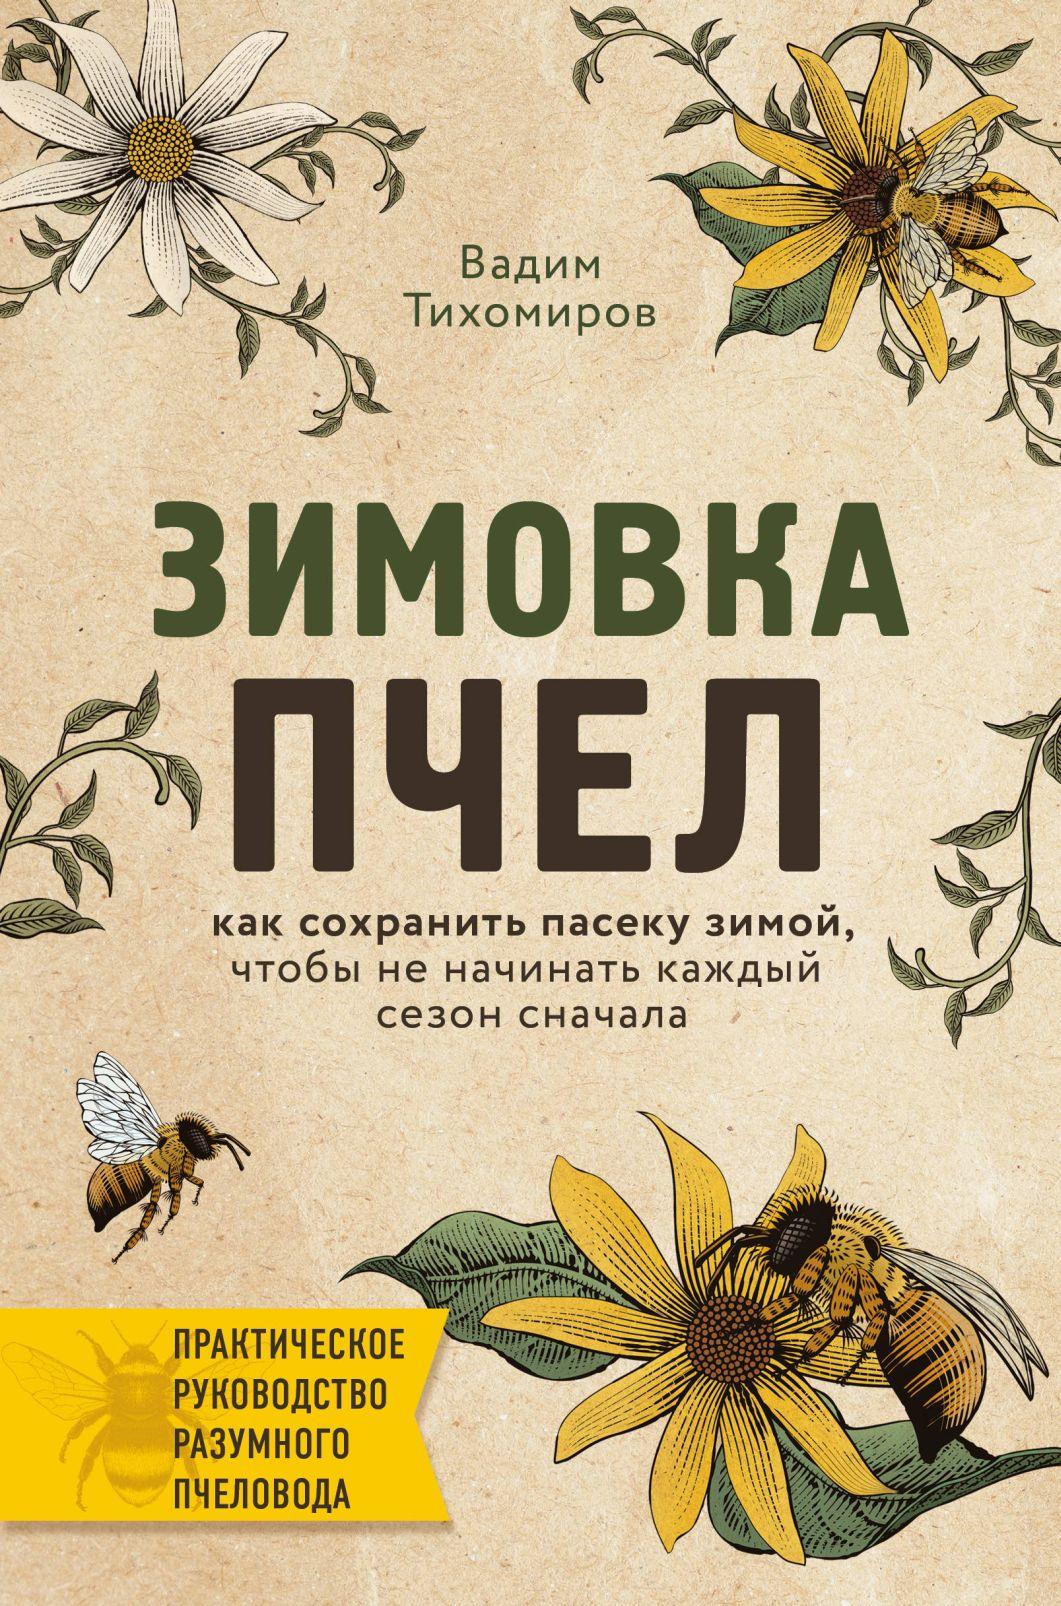 Зимовка пчел. Как сохранить пасеку зимой, чтобы не начинать каждый сезон сн